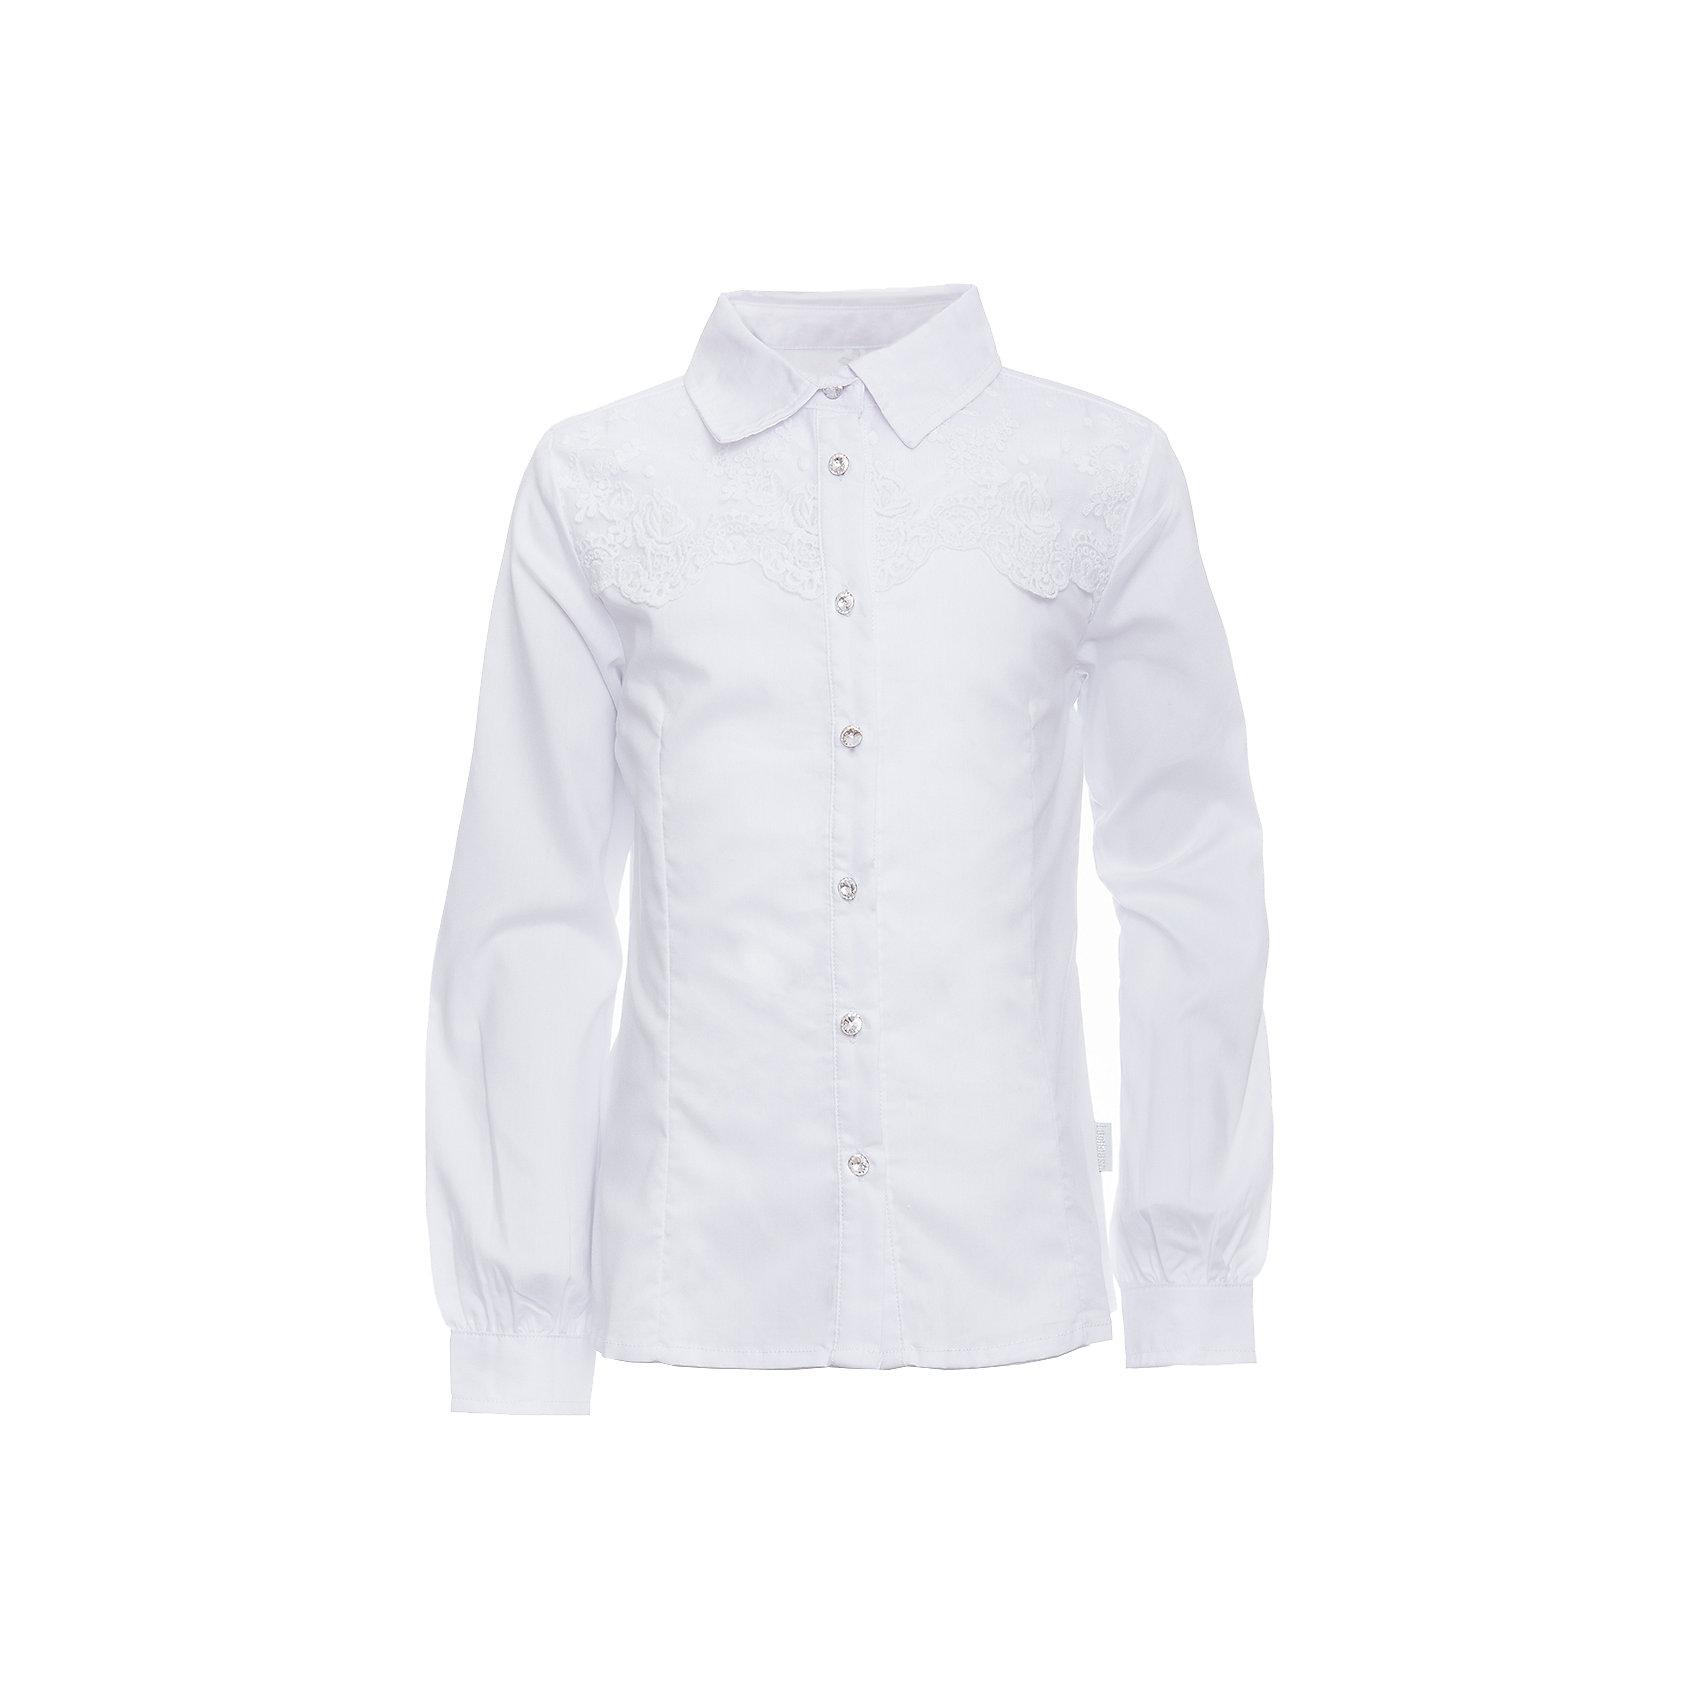 Блузка для девочки LuminosoБлузки и рубашки<br>Характеристики товара:<br><br>• цвет: белый;<br>• состав: 65% хлопок, 32% полиэстер, 3% эластан;<br>• сезон: демисезон;<br>• особенности: школьная, с кружевом;<br>• застежка: пуговицы;<br>• с длинным рукавом;<br>• декорирована кружевом и брошью;<br>• манжеты рукавов на пуговице;<br>• страна бренда: Россия;<br>• страна производства: Китай.<br><br>Школьная блузка с длинным рукавом для девочки. Блузка приталенного кроя. Декорирована изящной брошью и кружевом в тон изделию. Застегивается на пуговки, манжеты рукавов на одной пуговицу.<br><br>Блузка для девочки Luminoso (Люминосо) можно купить в нашем интернет-магазине.<br><br>Ширина мм: 186<br>Глубина мм: 87<br>Высота мм: 198<br>Вес г: 197<br>Цвет: белый<br>Возраст от месяцев: 72<br>Возраст до месяцев: 84<br>Пол: Женский<br>Возраст: Детский<br>Размер: 122,164,128,134,140,146,152,158<br>SKU: 6672065